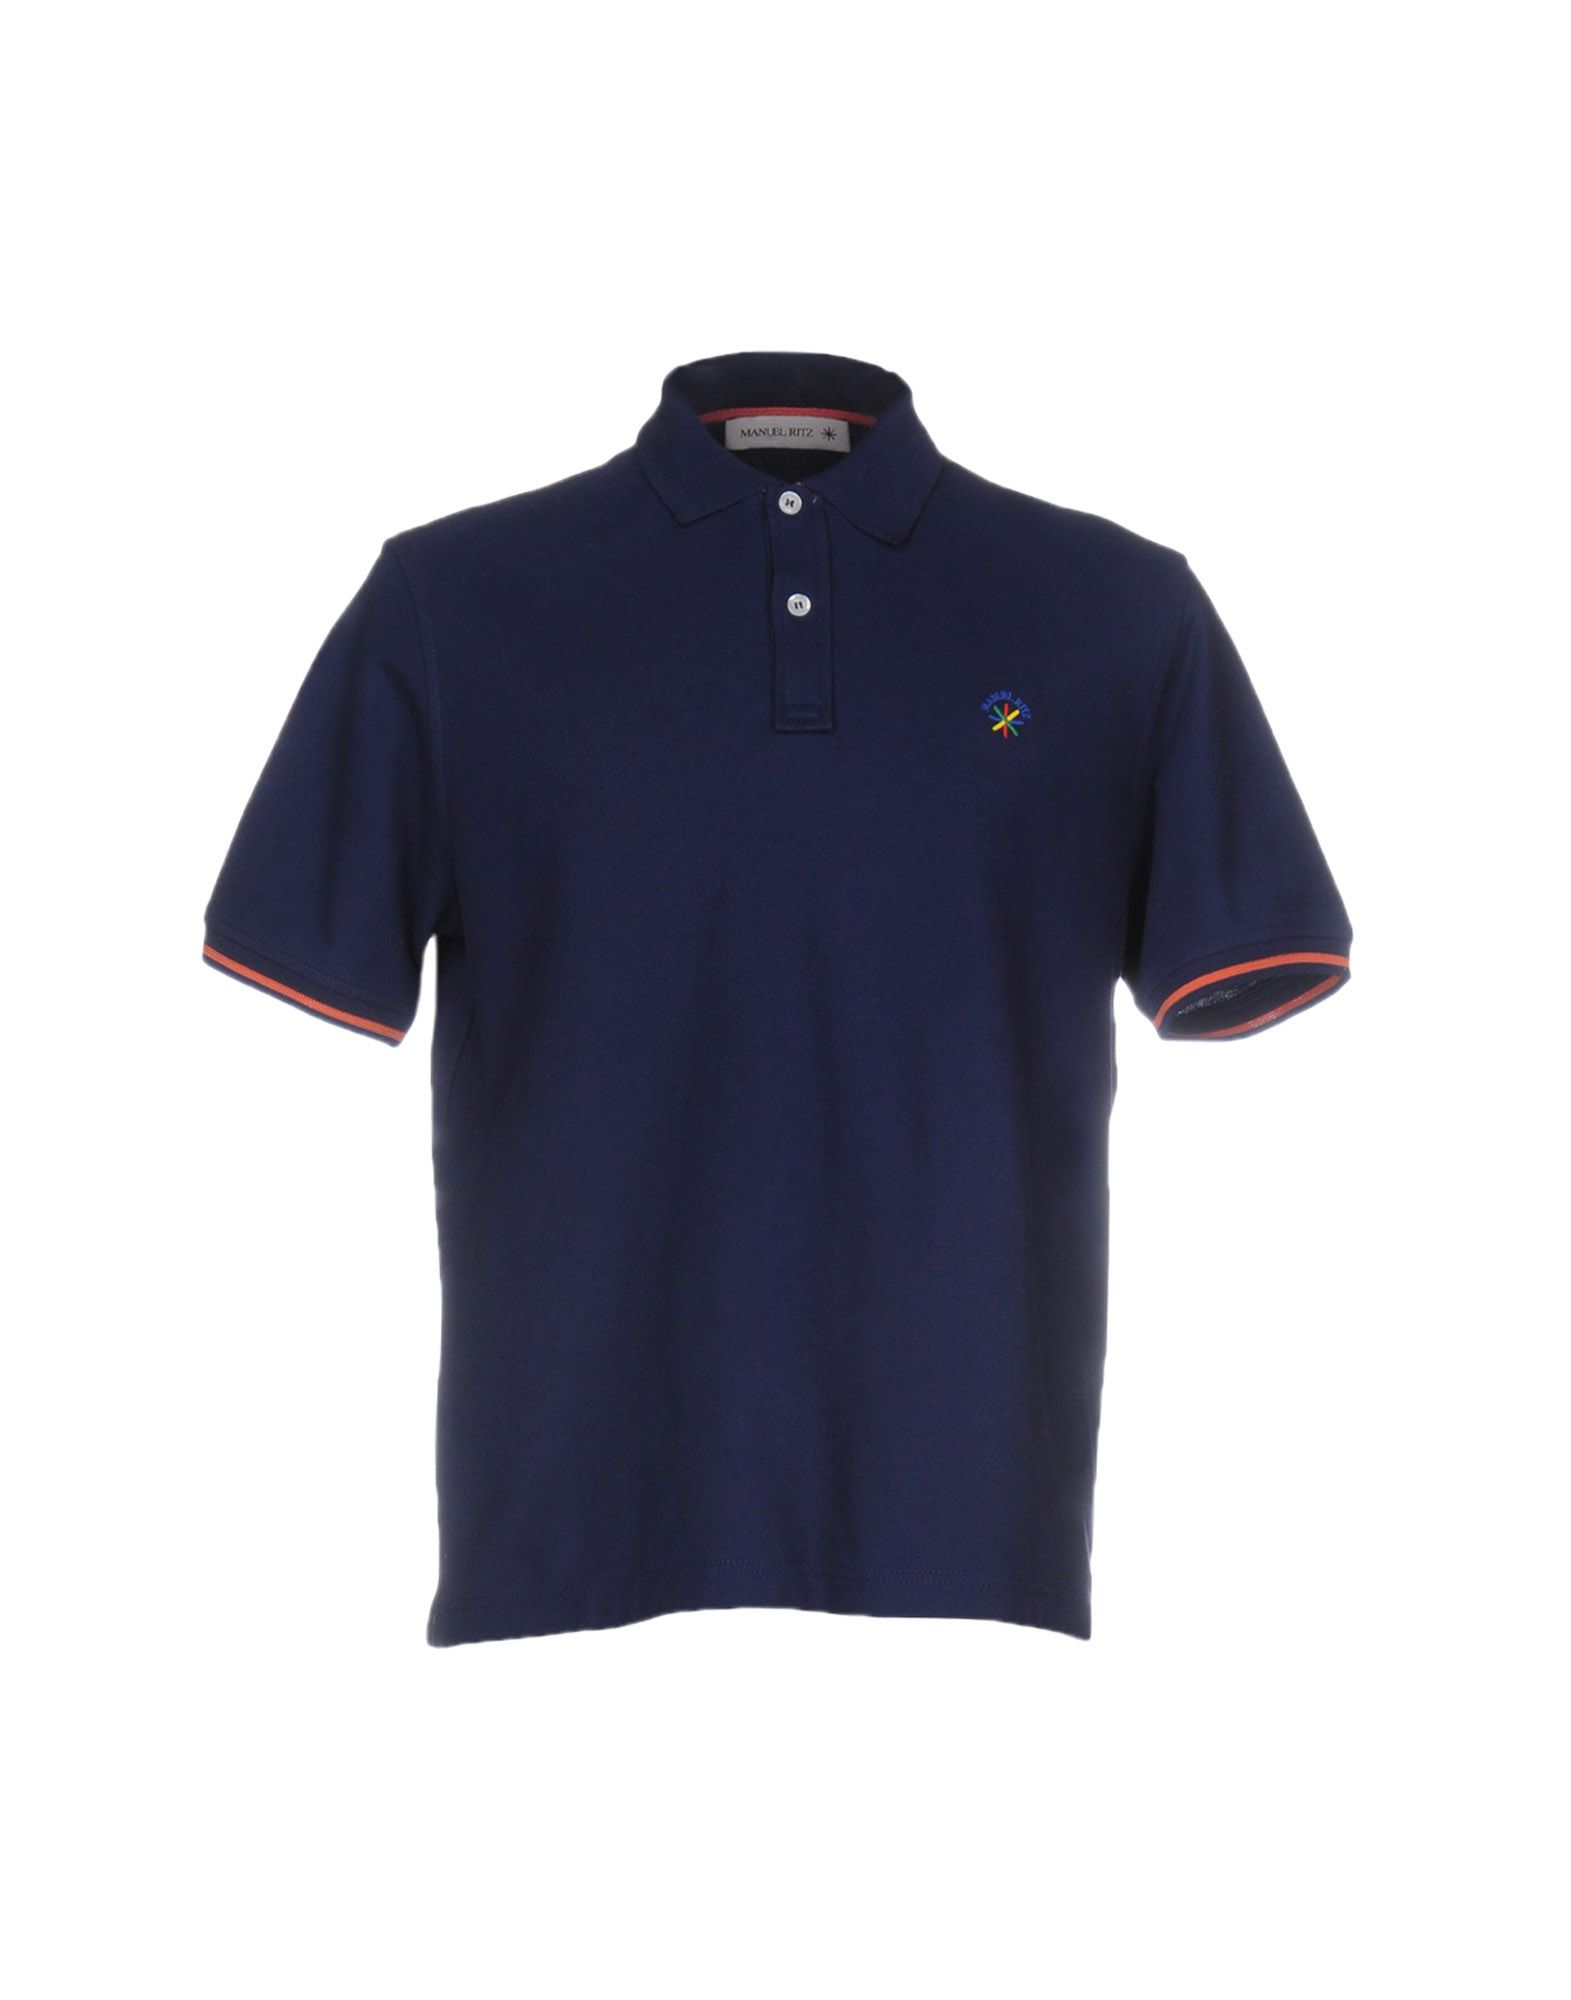 《送料無料》MANUEL RITZ メンズ ポロシャツ ダークブルー S コットン 100%